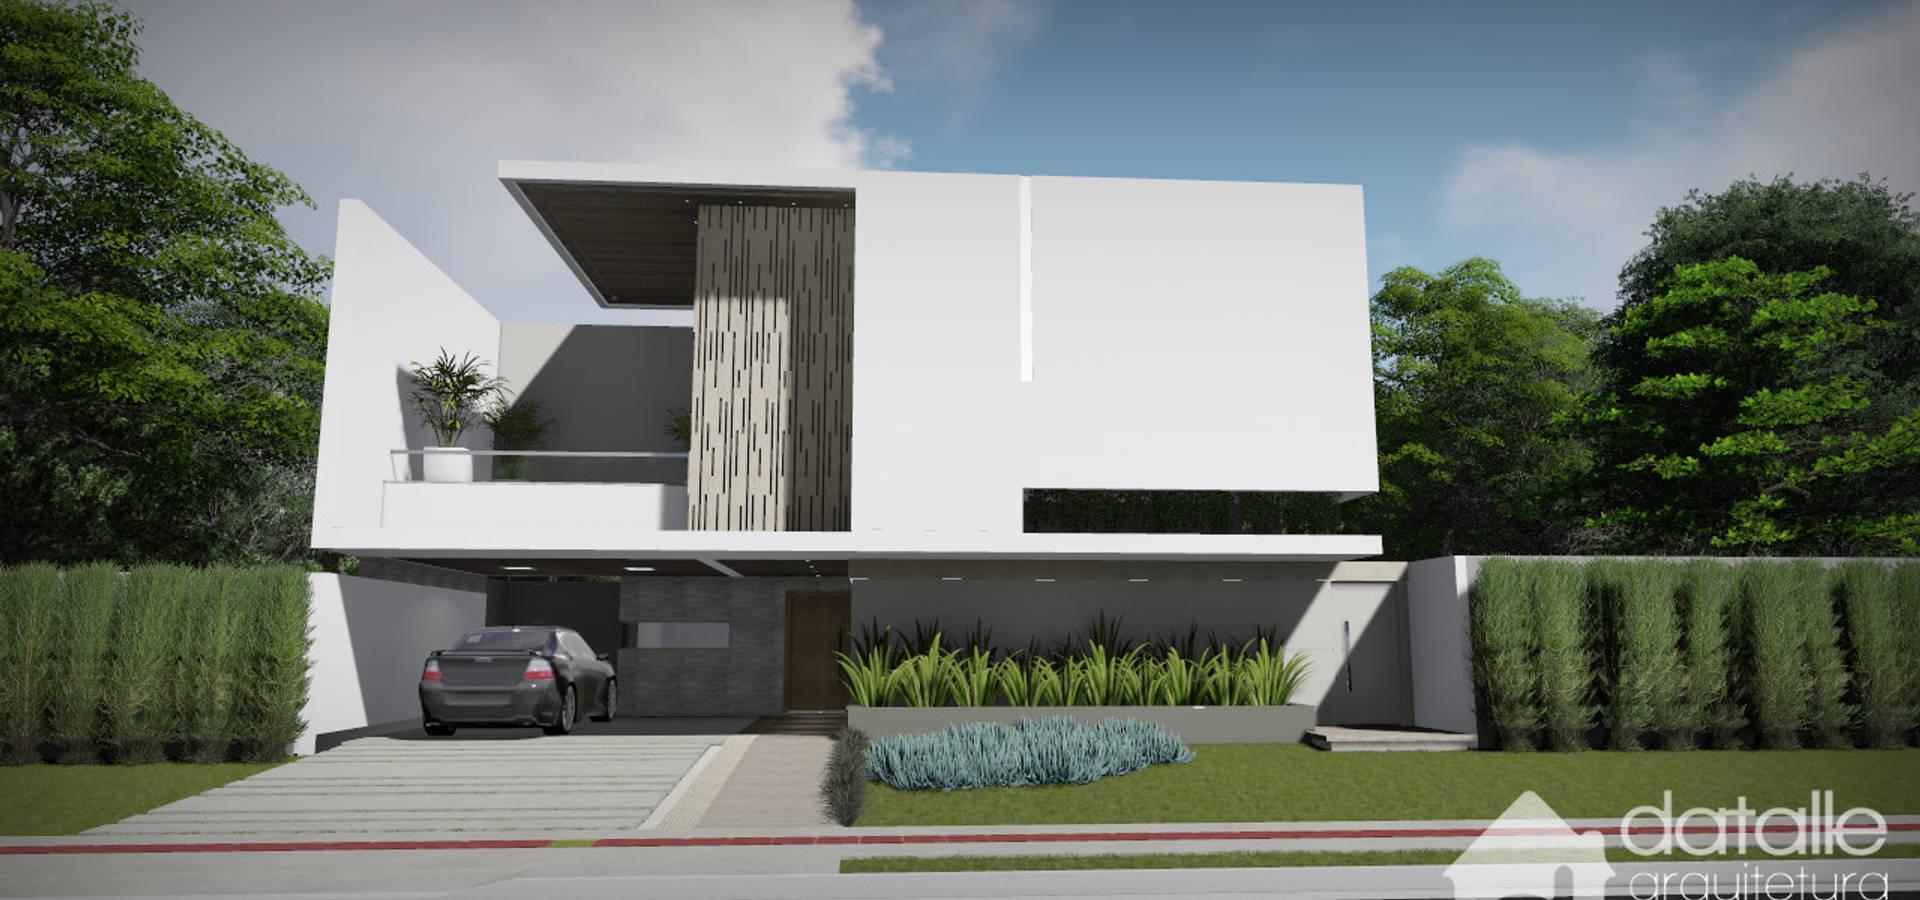 Datalle – Arquitetura & Interiores